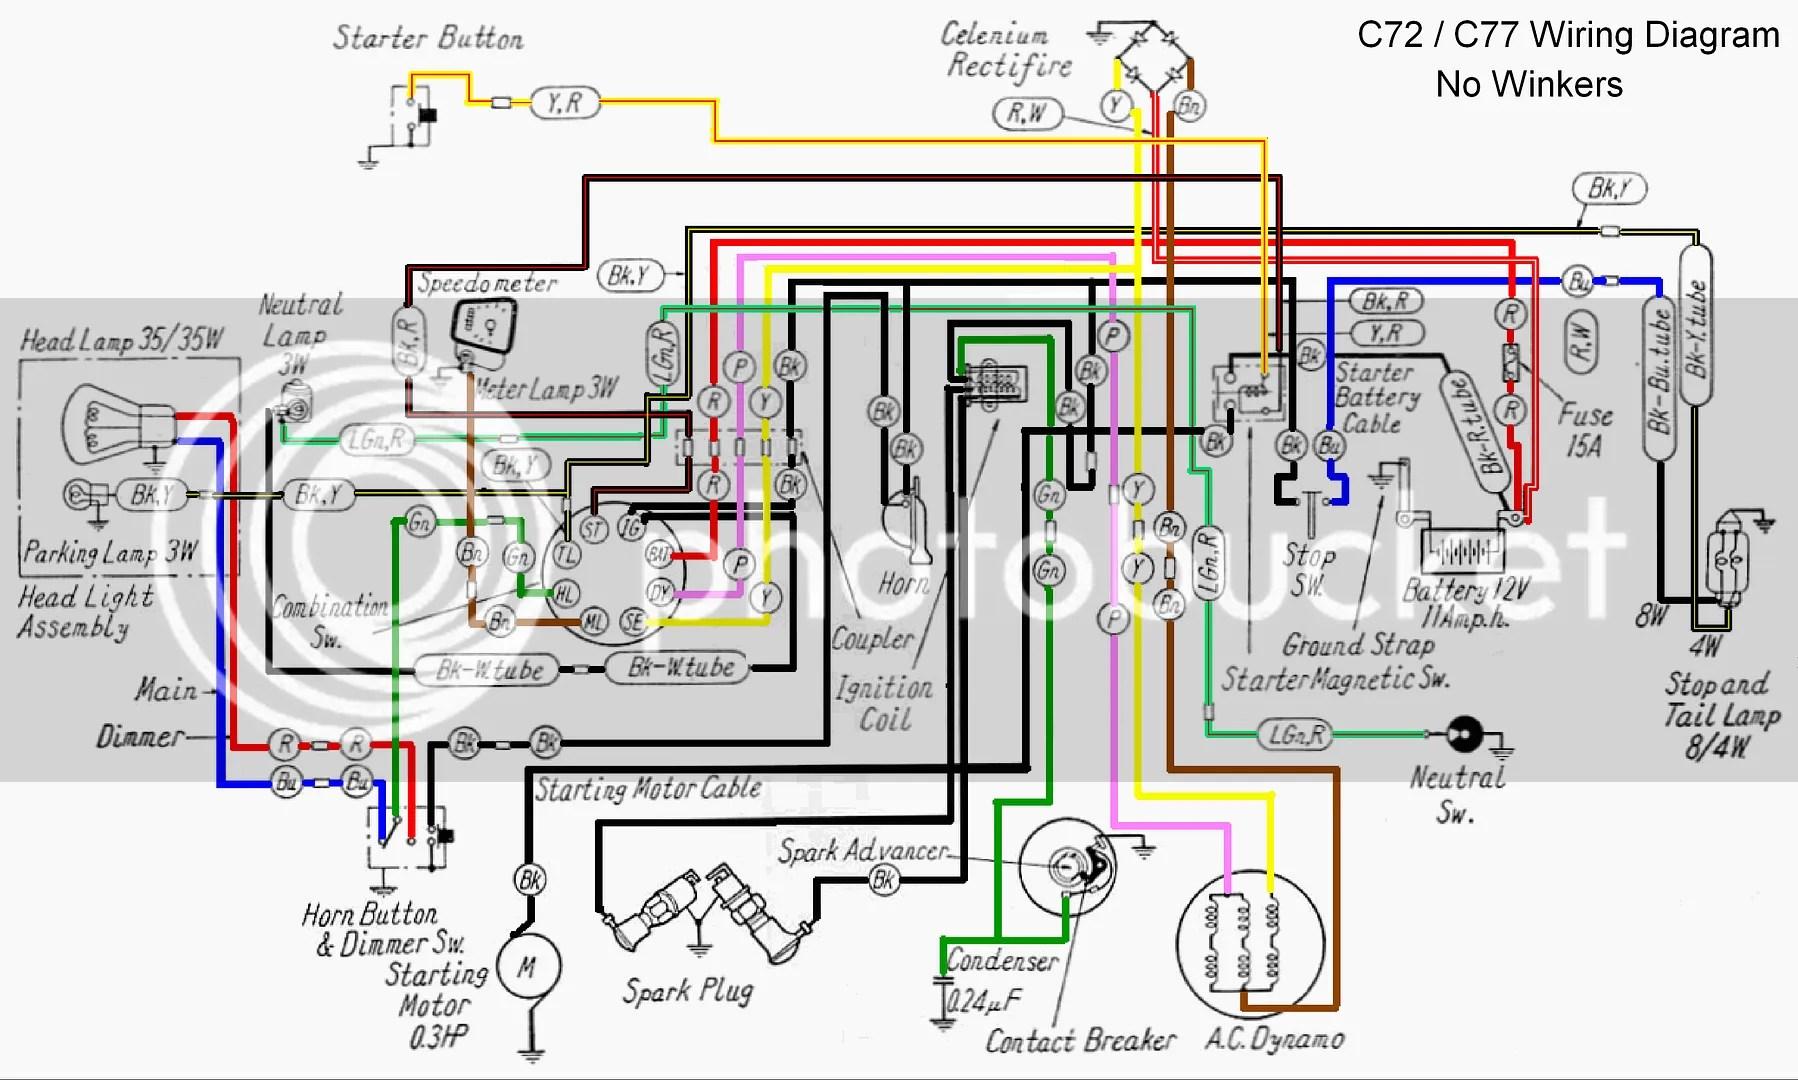 medium resolution of honda dream wiring diagram wiring diagram yer1966 honda dream wiring diagram wiring diagram gol honda dream